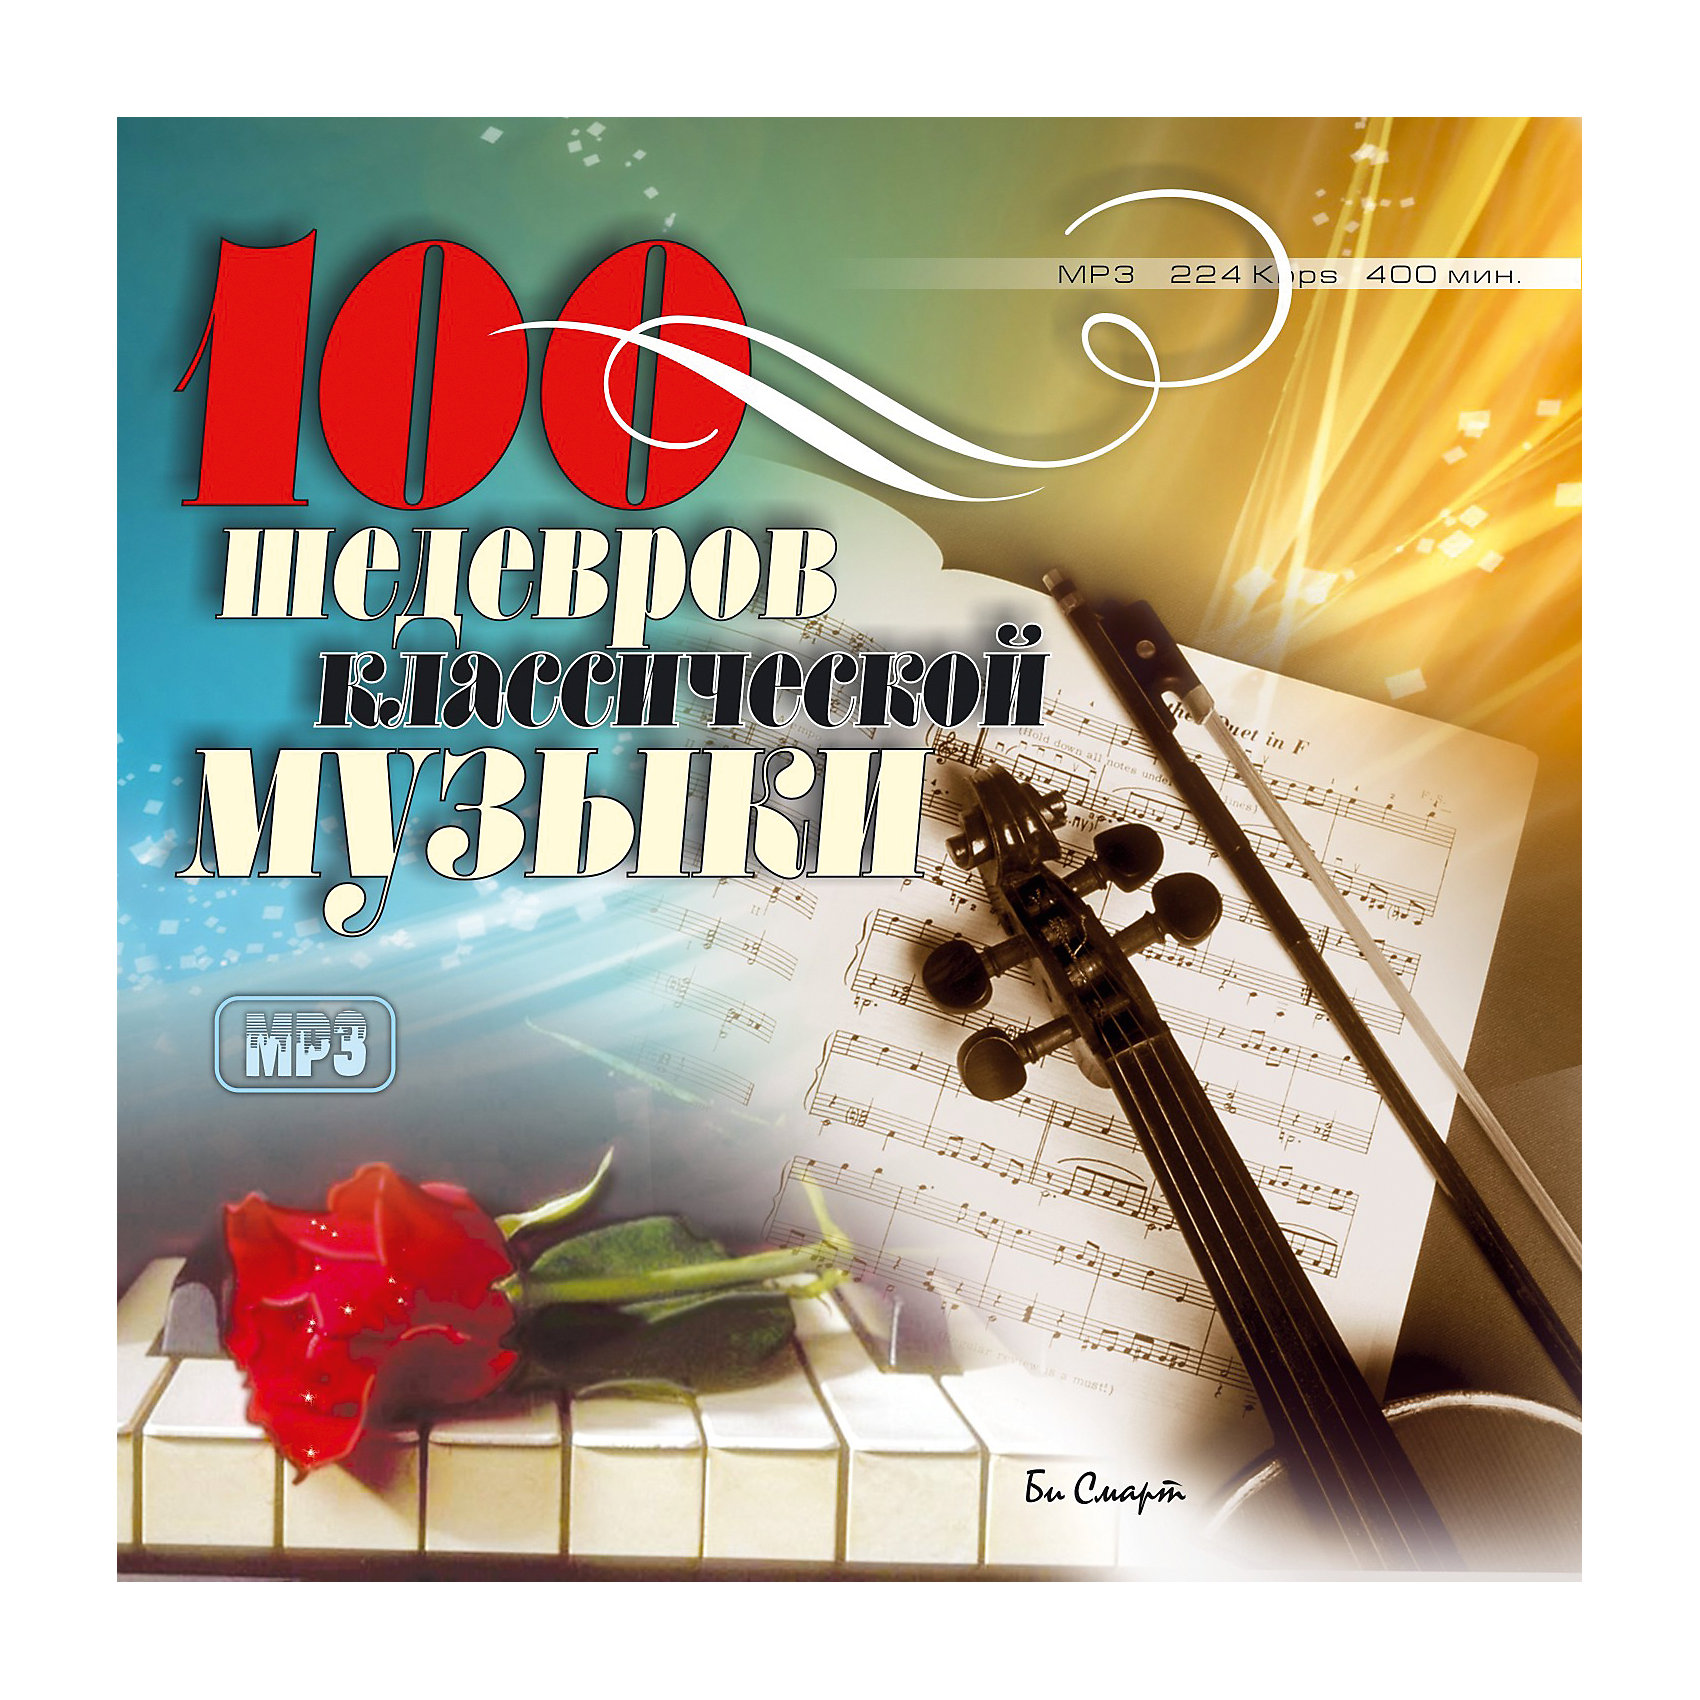 MP3 100 шедевров классической музыкиБи Смарт<br>МР3 «100 шедевров мировой классики»<br>В этом диске собраны 100 хитов самой популярной классической музыки.  Каждый знает, что классическая музыка может приносить радость и растрогать до слез. Красота этих произведений неподвластна времени, и они  будут доставлять наслаждение еще не одному поколению слушателей.<br><br>Ширина мм: 142<br>Глубина мм: 100<br>Высота мм: 125<br>Вес г: 79<br>Возраст от месяцев: 36<br>Возраст до месяцев: 2147483647<br>Пол: Унисекс<br>Возраст: Детский<br>SKU: 5614914